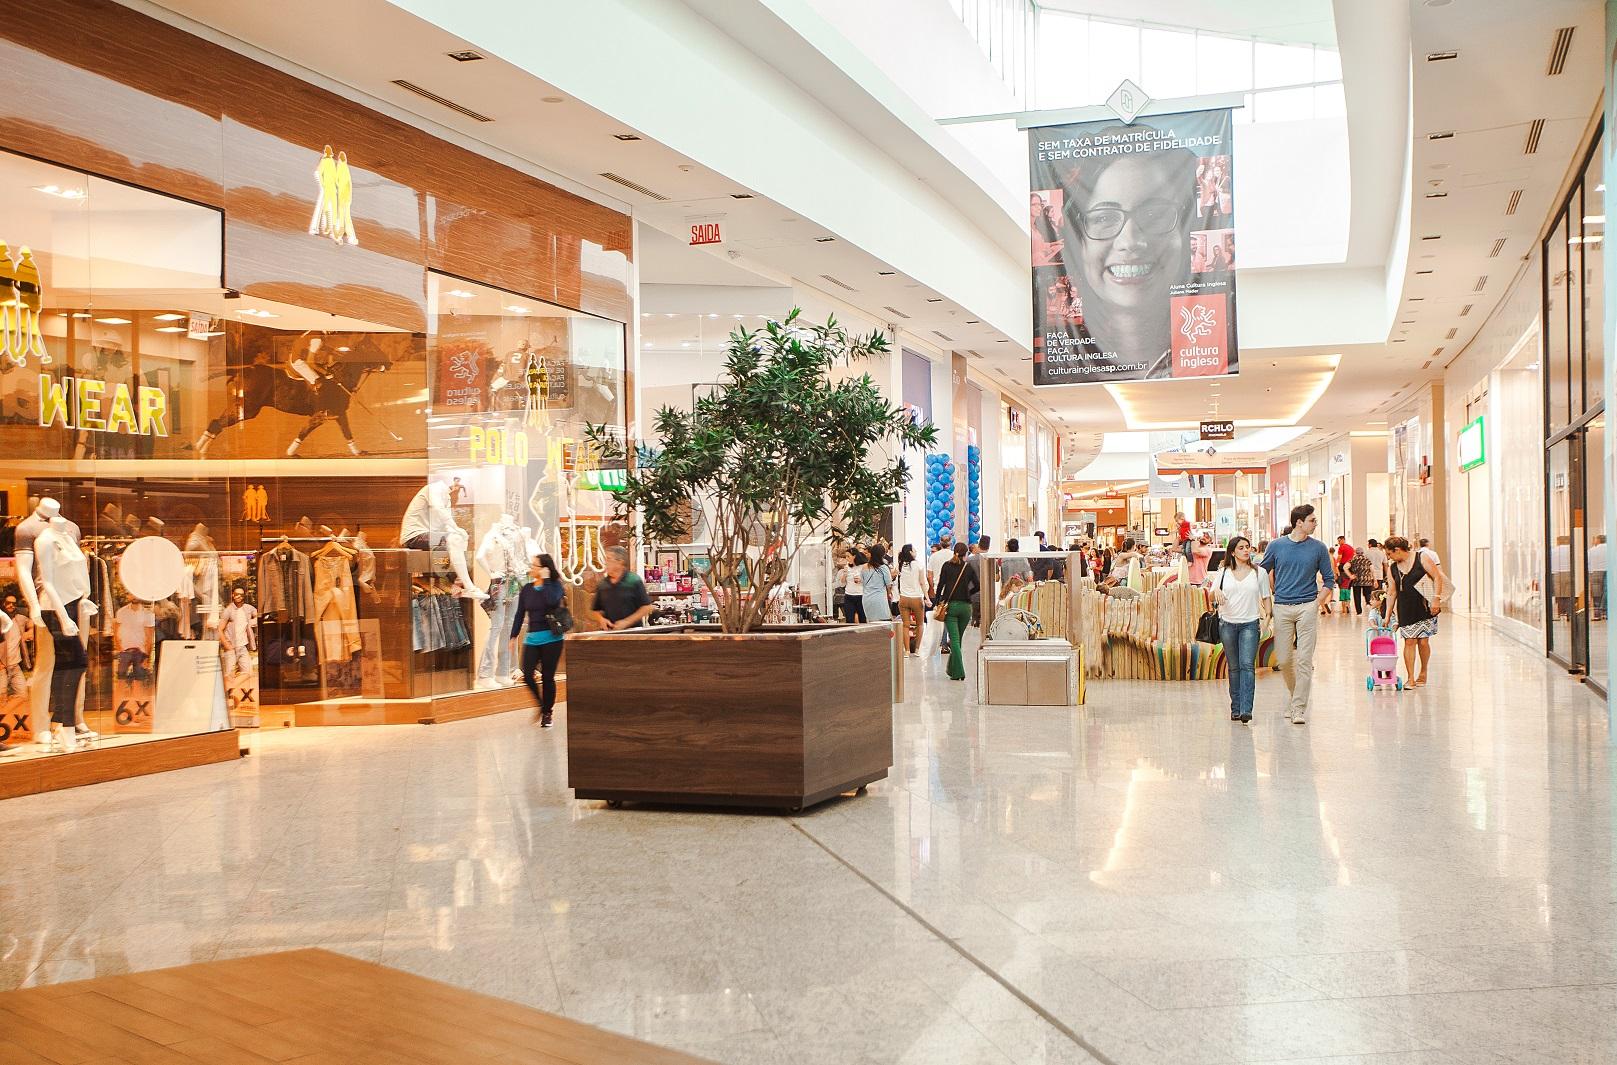 Mercado Aquecido: 10 grandes marcas anunciam sua chegada em Joinville ainda em 2021